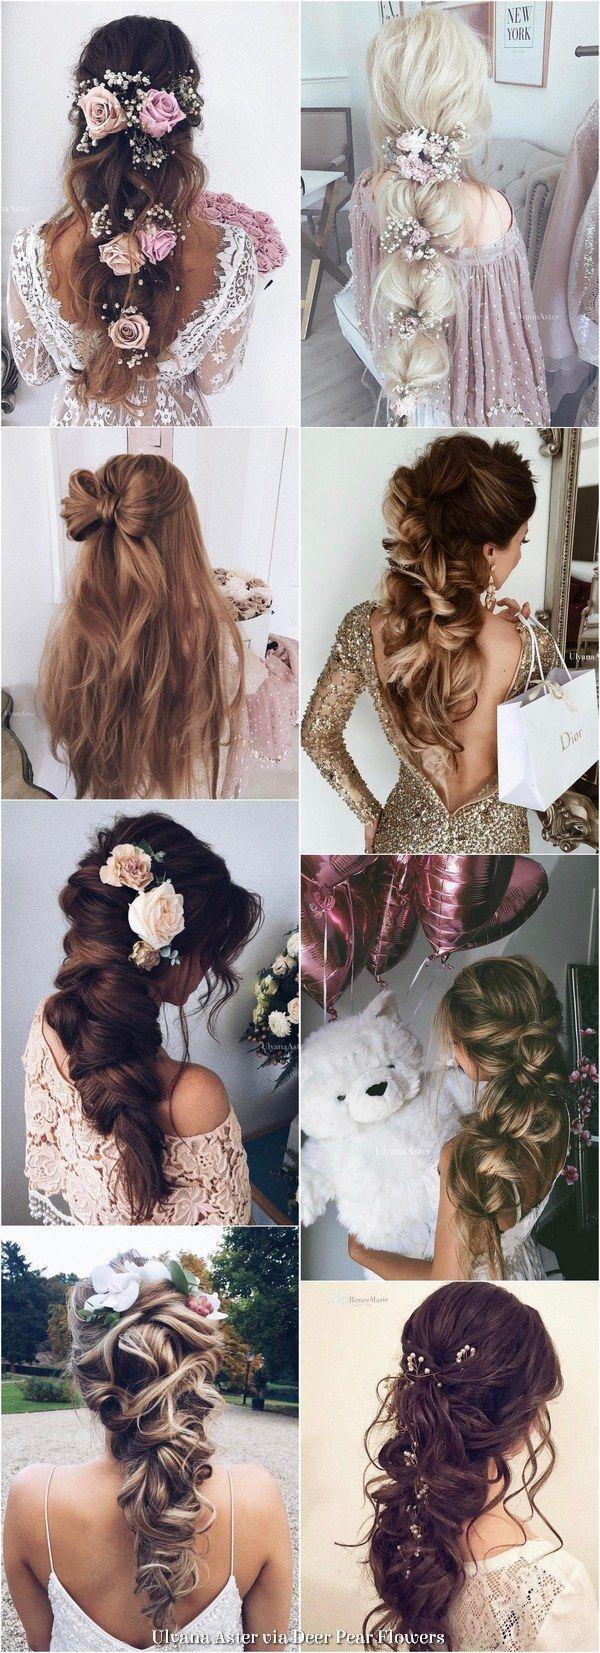 Best makeup u hairstyle ideas model makeup u hairstyle